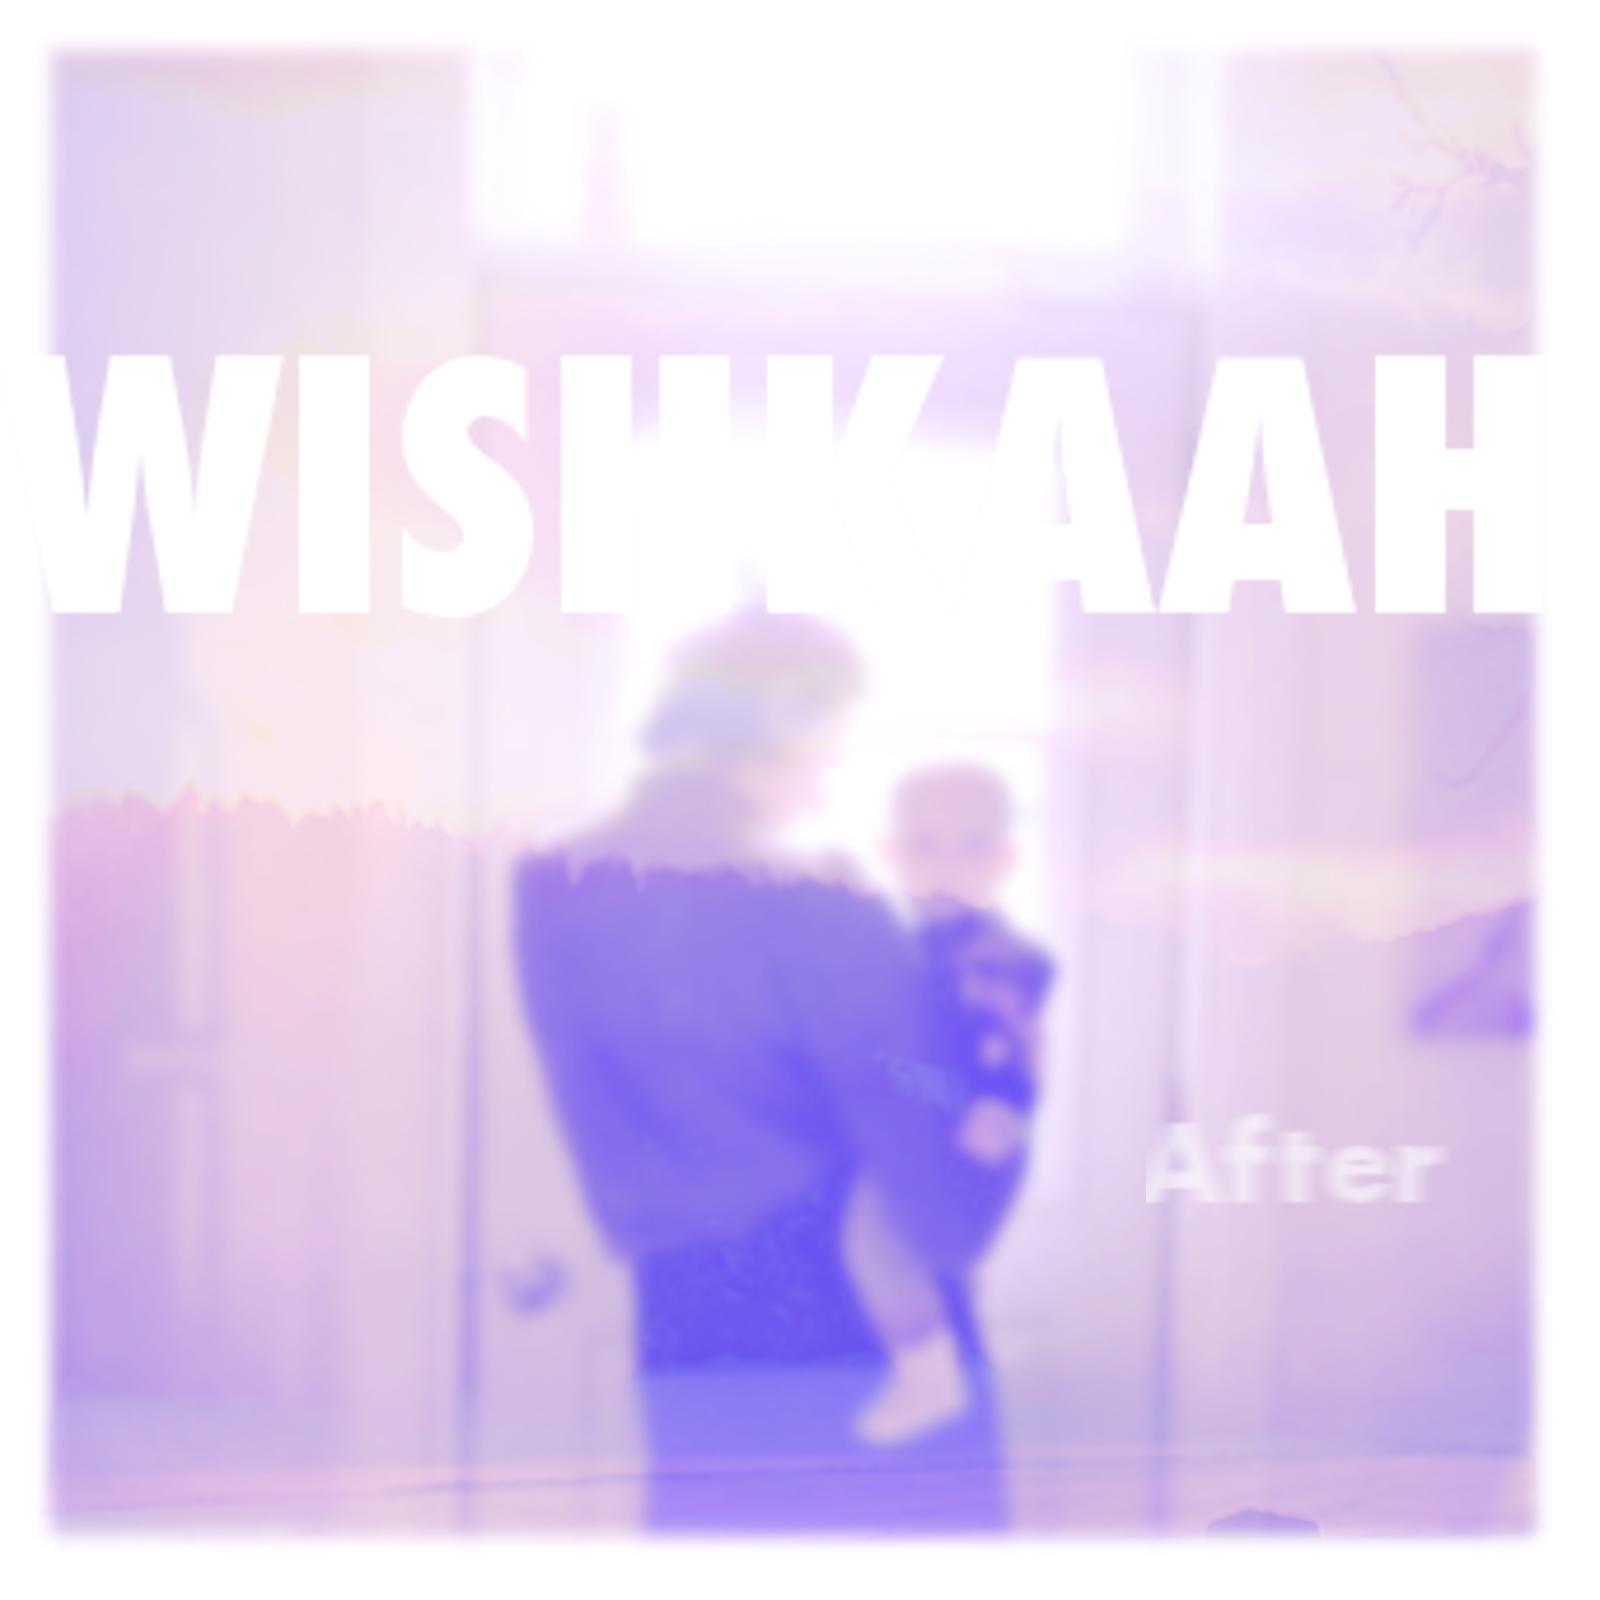 Wishkaah - After